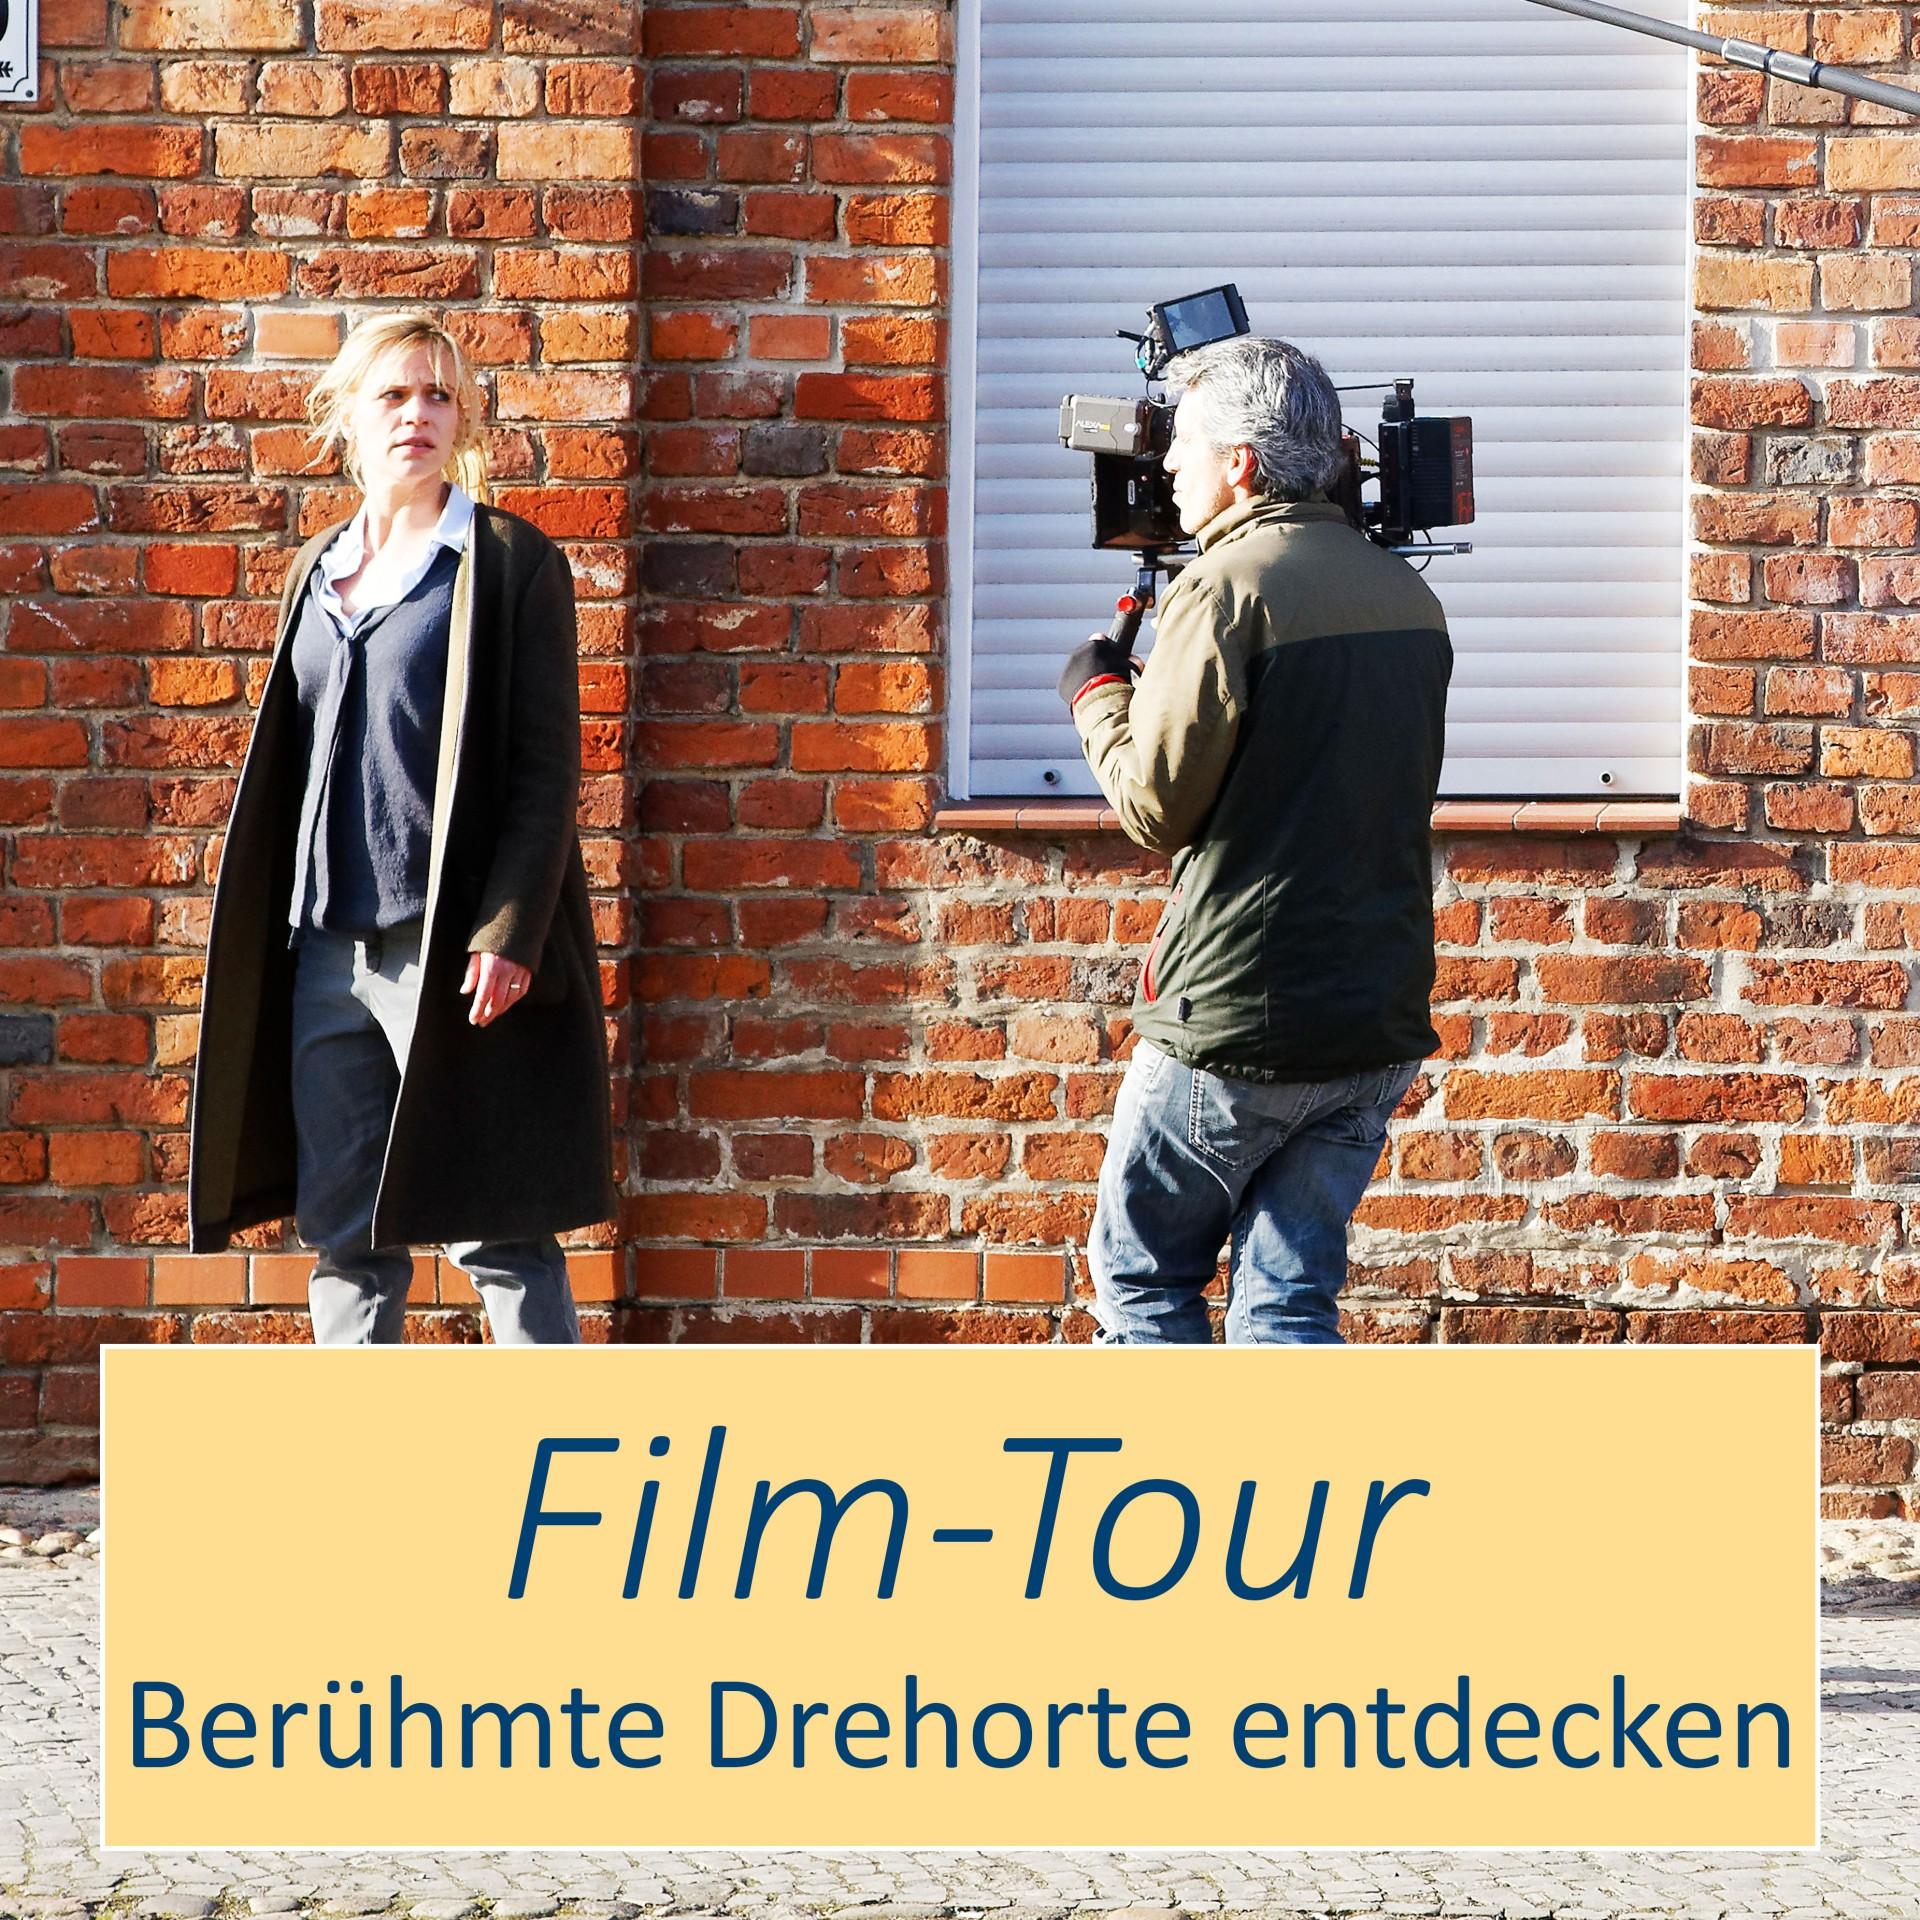 Drehorte in Film-Tour entdecken